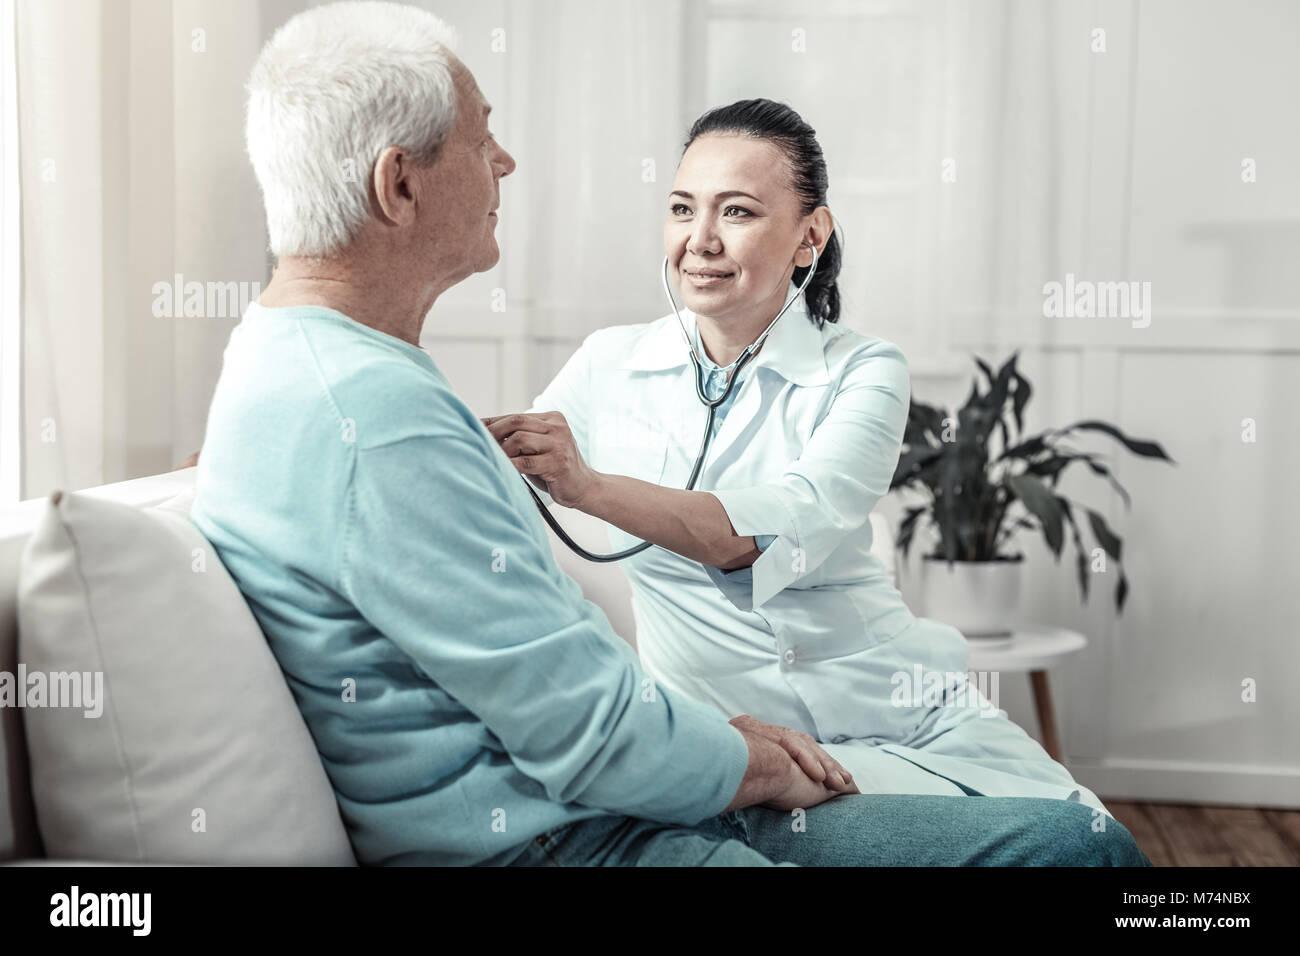 Junge qualifizierte Krankenschwester sitzen und lauschen Sie dem Patienten Lunge. Stockbild